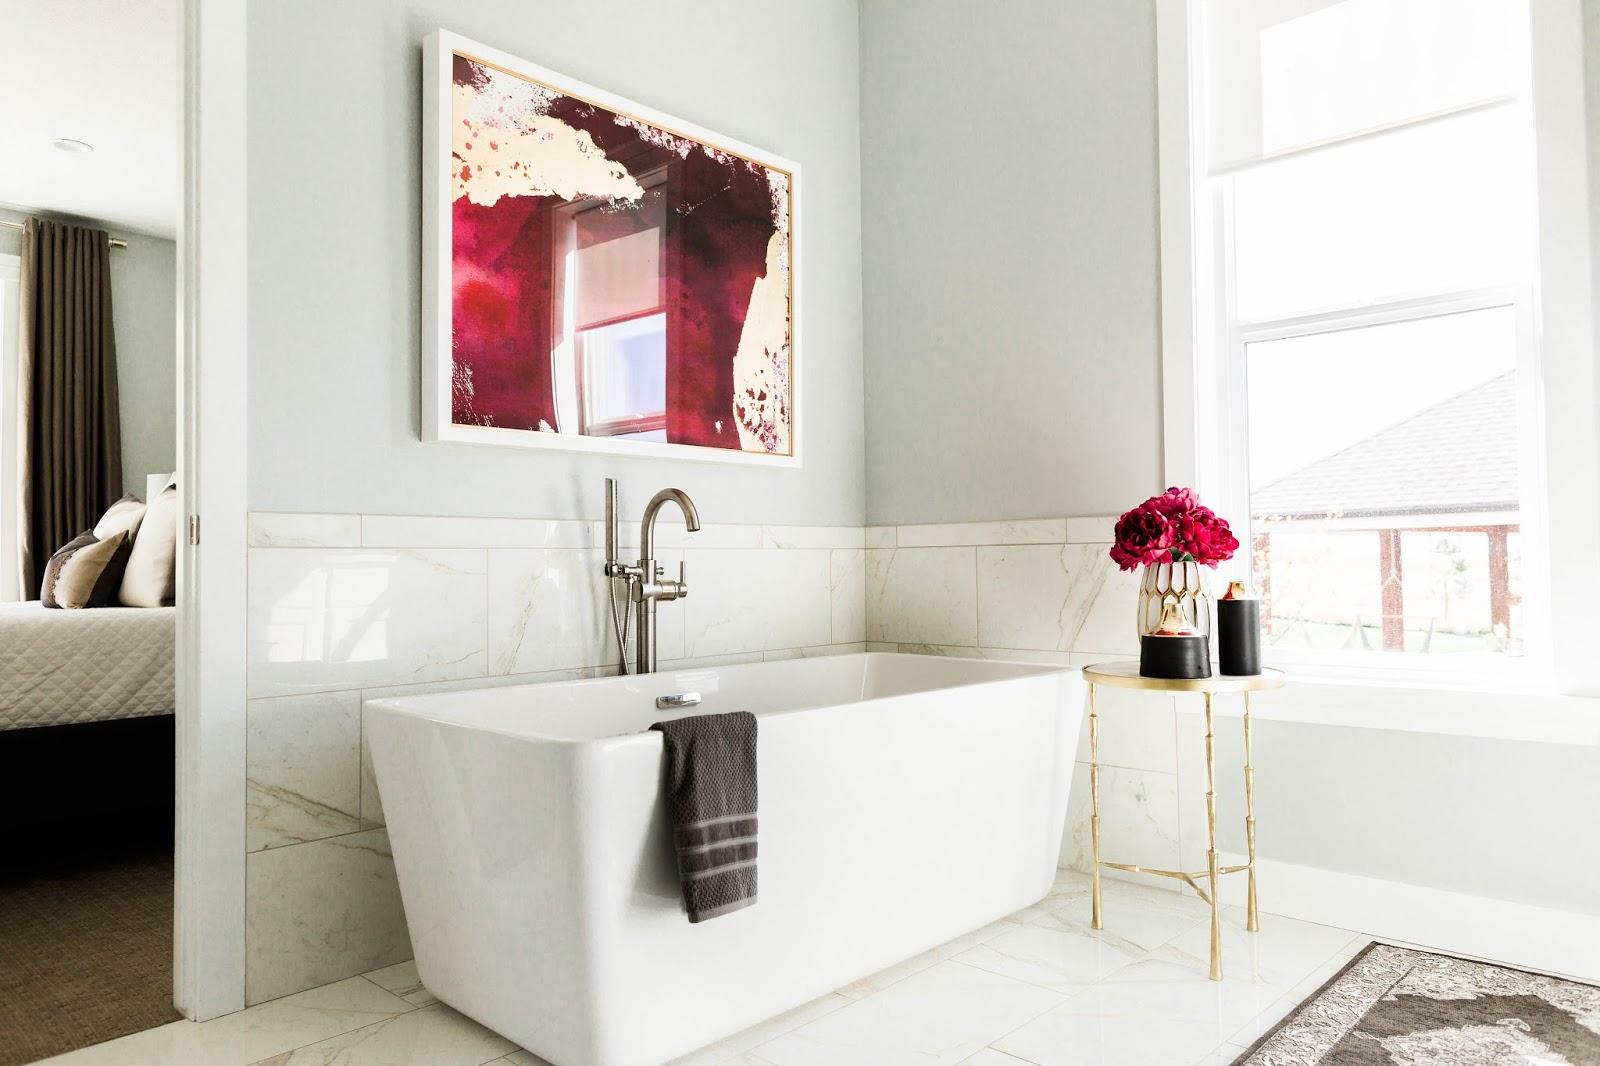 Mecham Dream Home || Master Bathroom Design Reveal